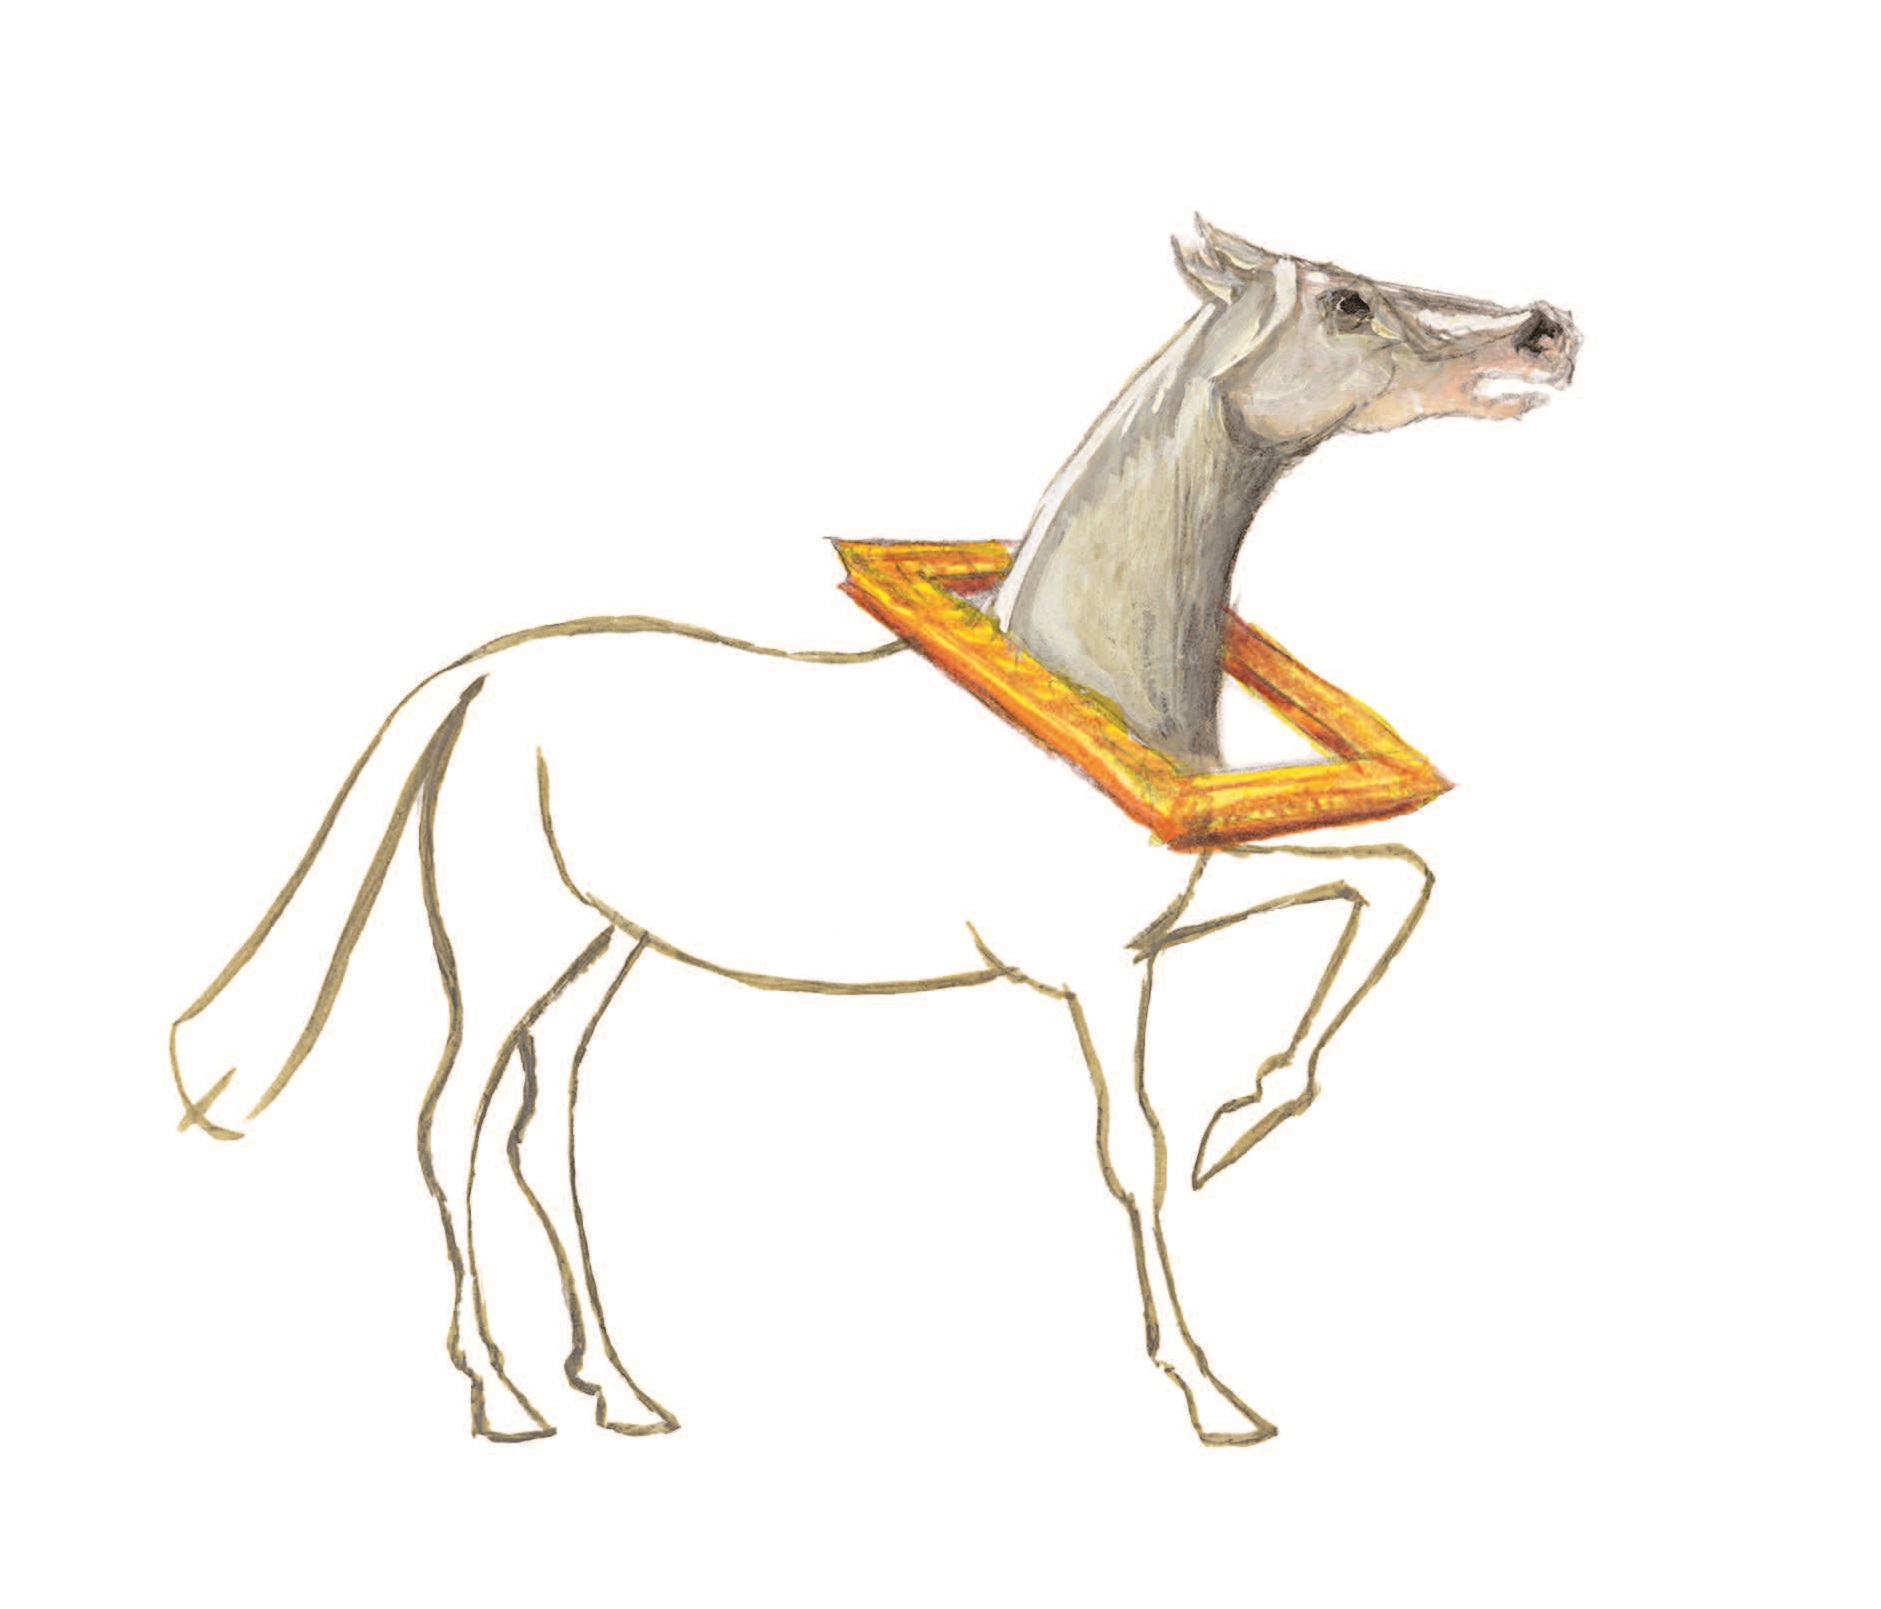 Le cheval sort du cadre